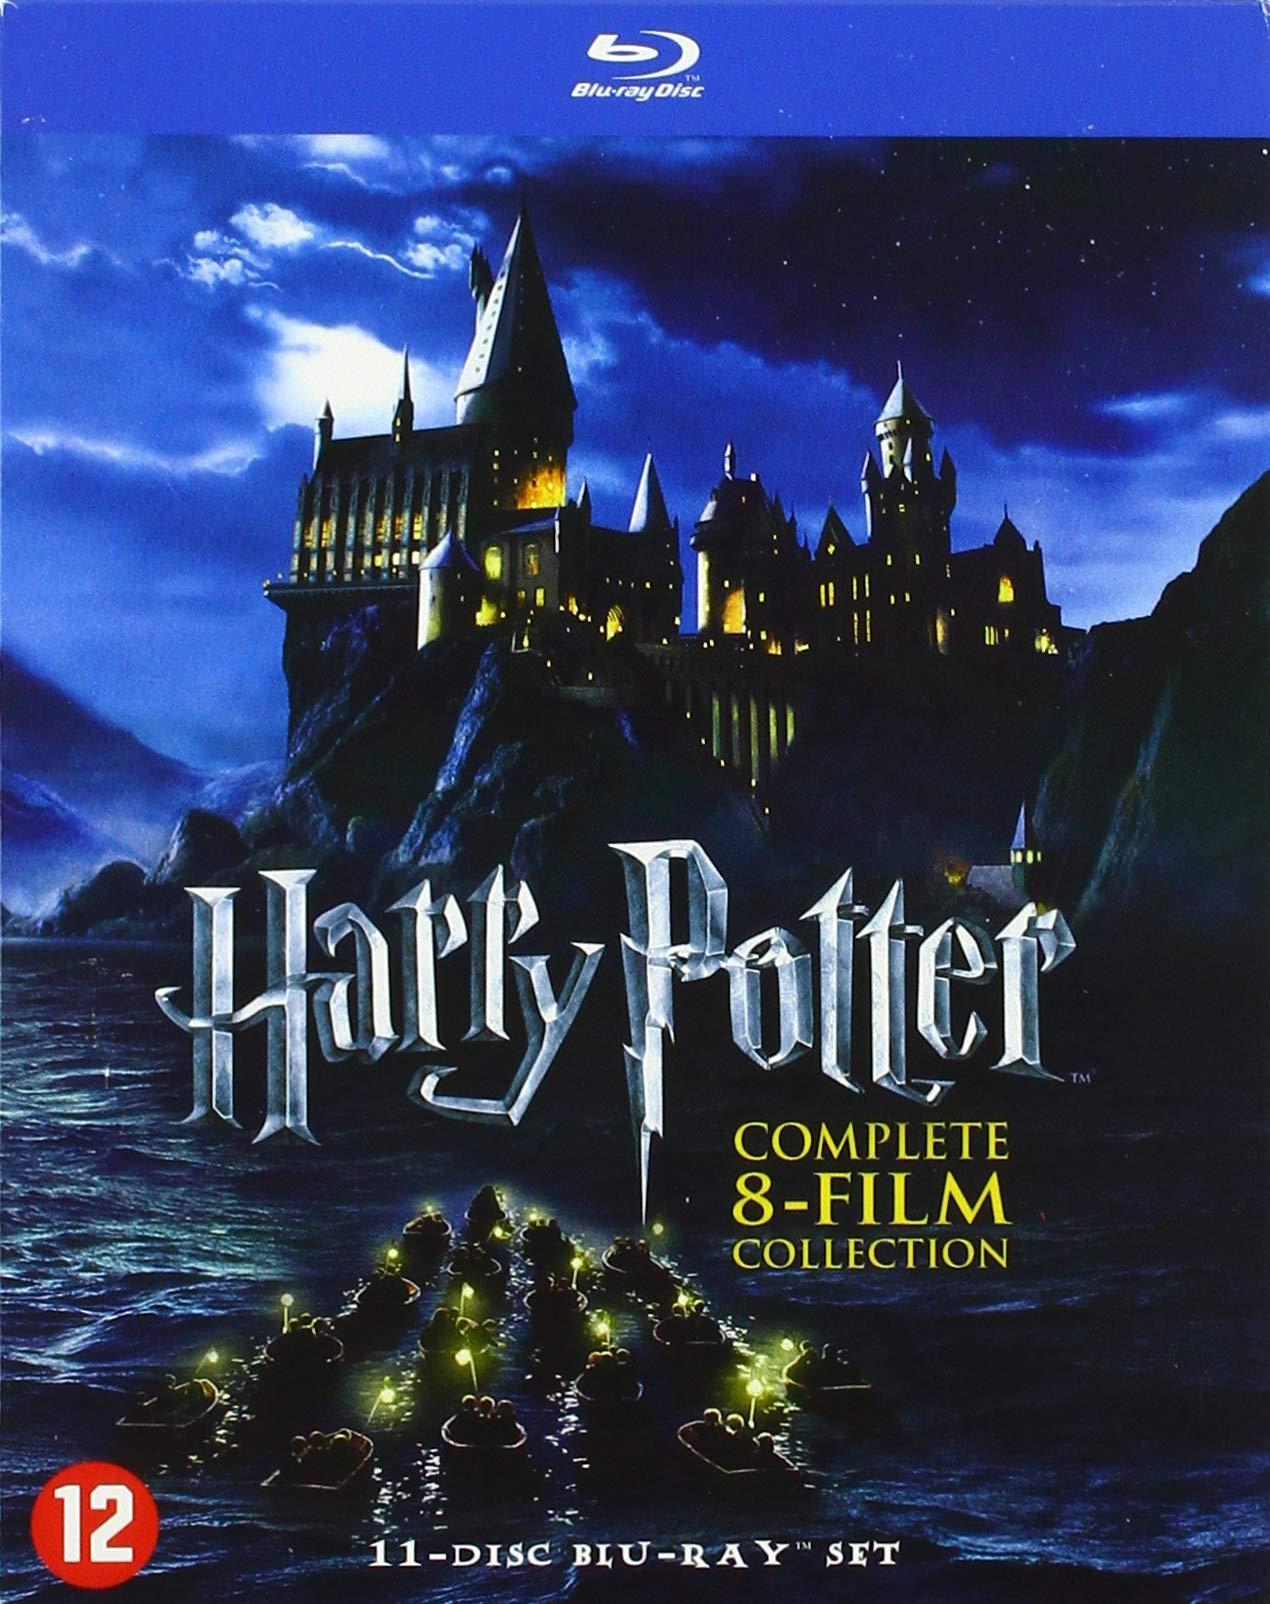 HARRY POTTER 1-7.2 COLLECTION (SBD): Amazon.es: Libros en idiomas extranjeros